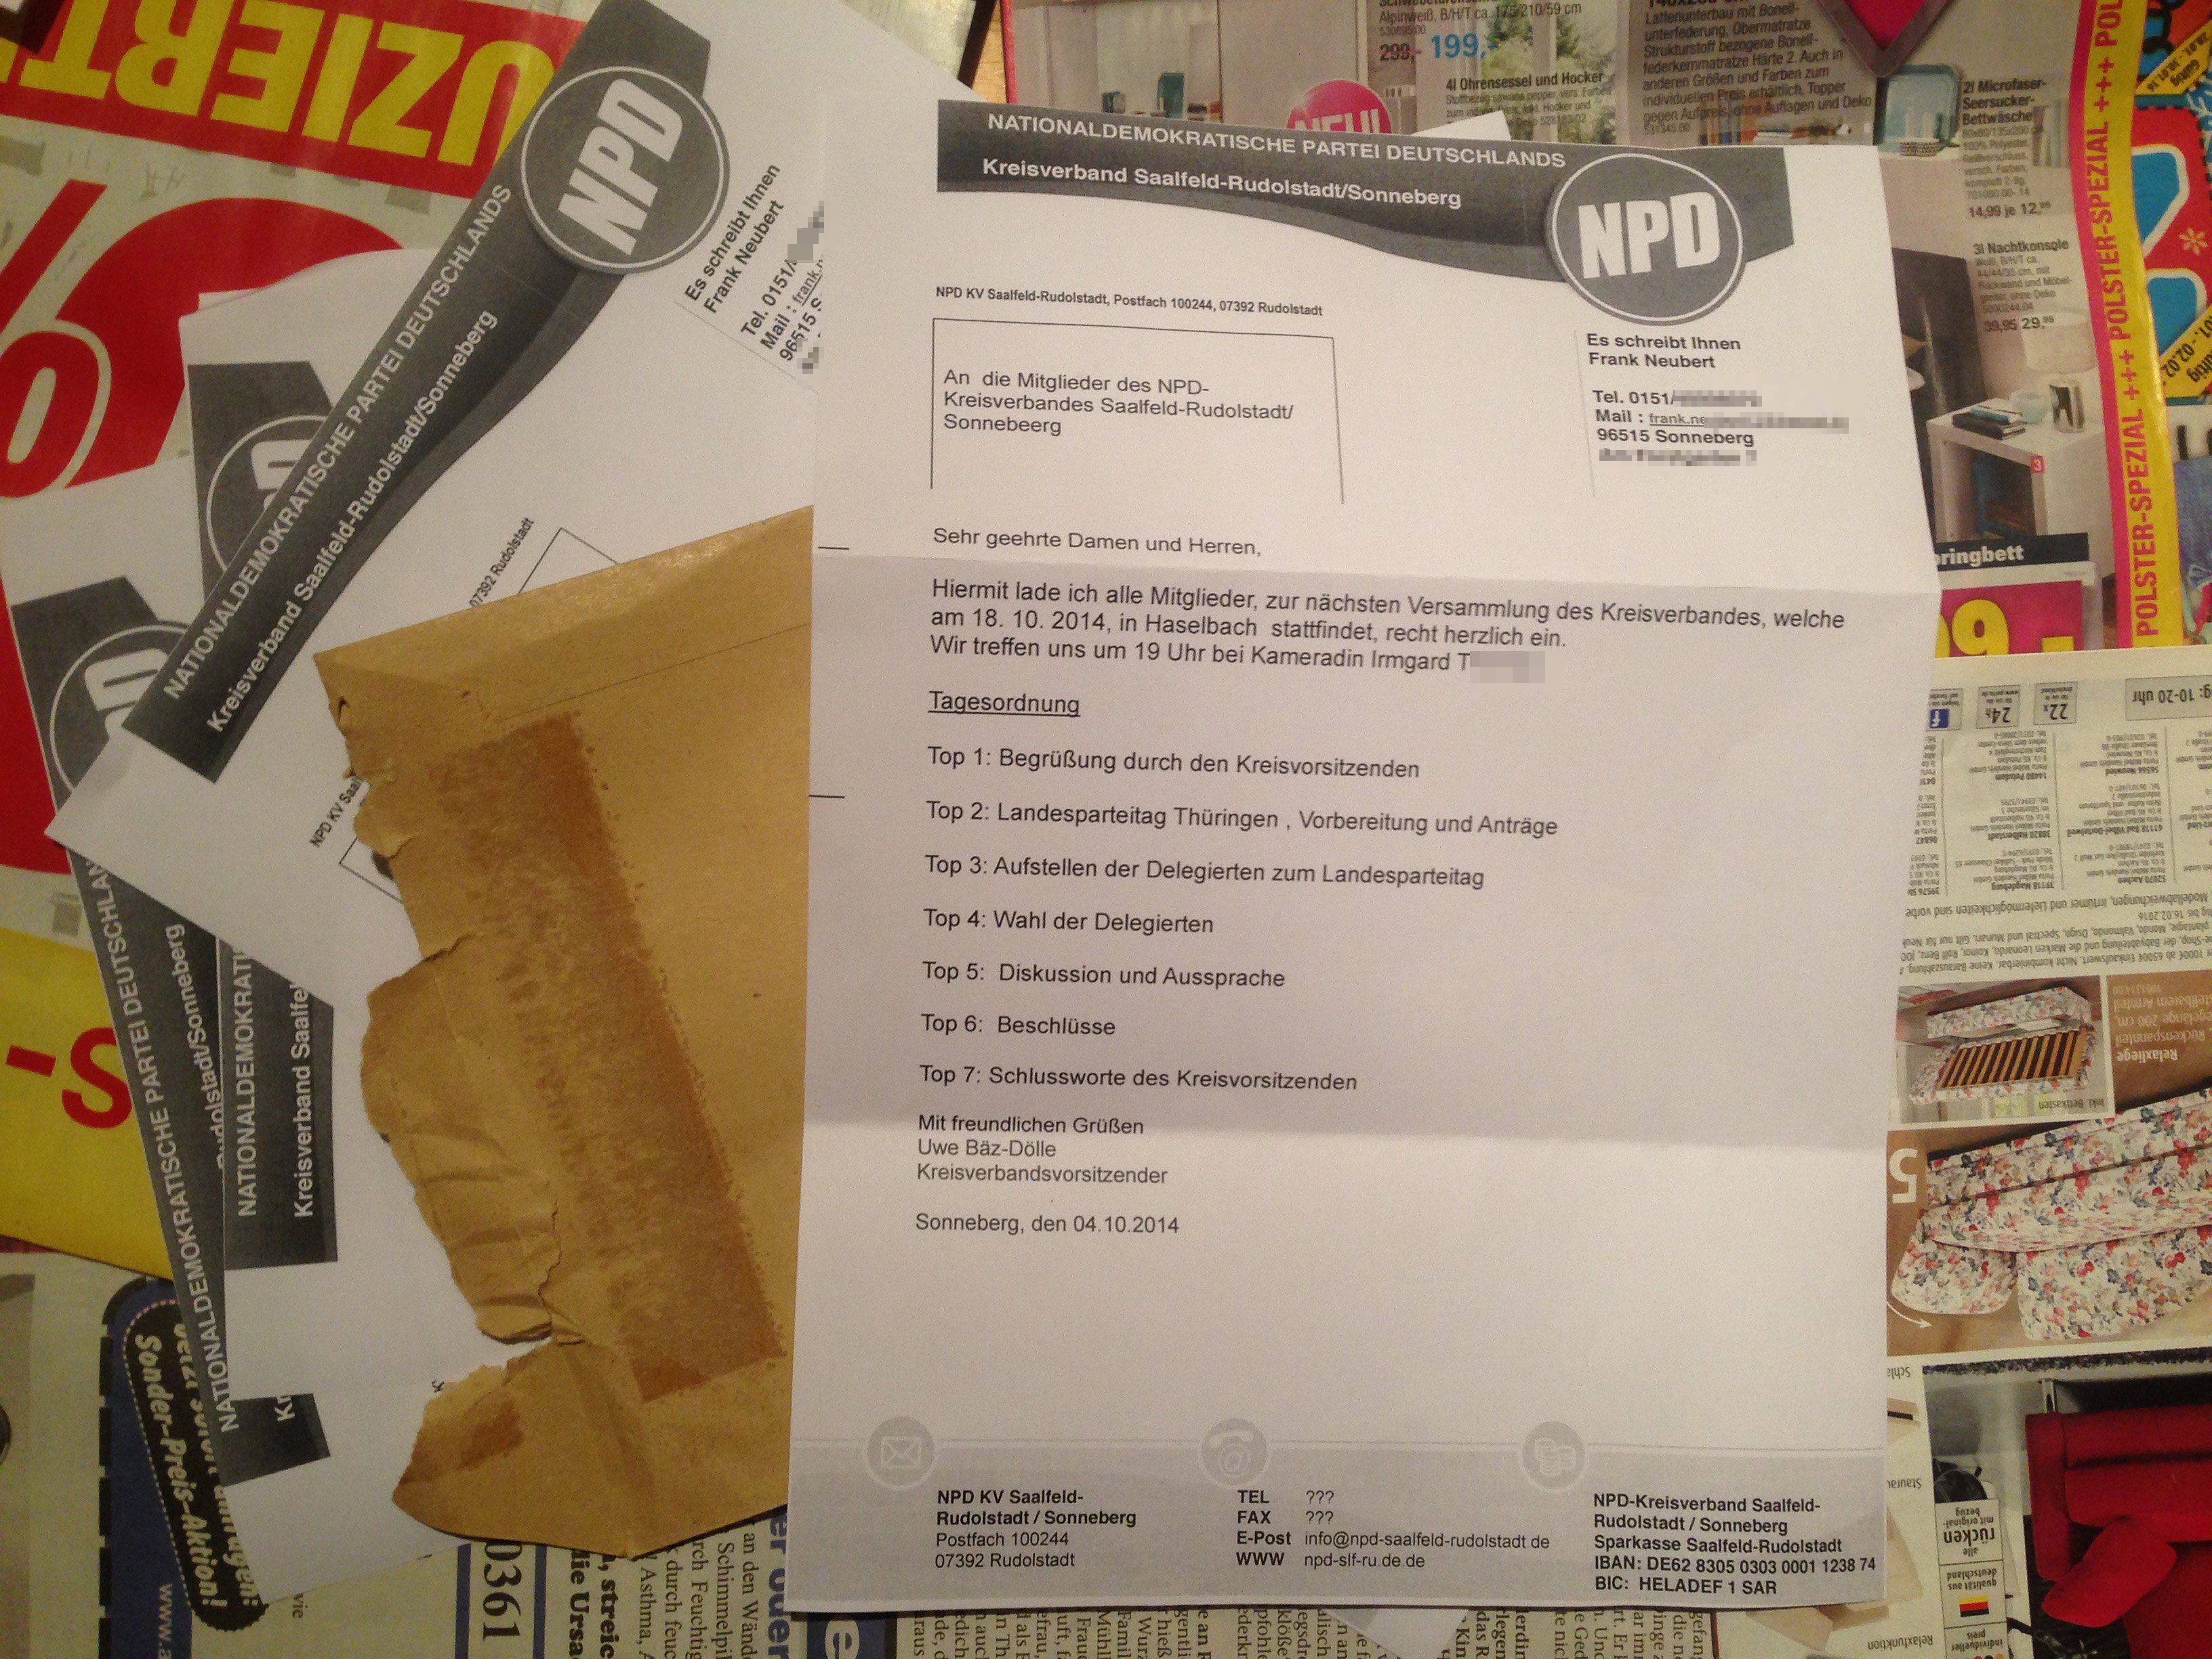 Unterstützt der NPD-Kreisverband Saalfeld-Rudolstadt das NPD-Verbotsverfahren?